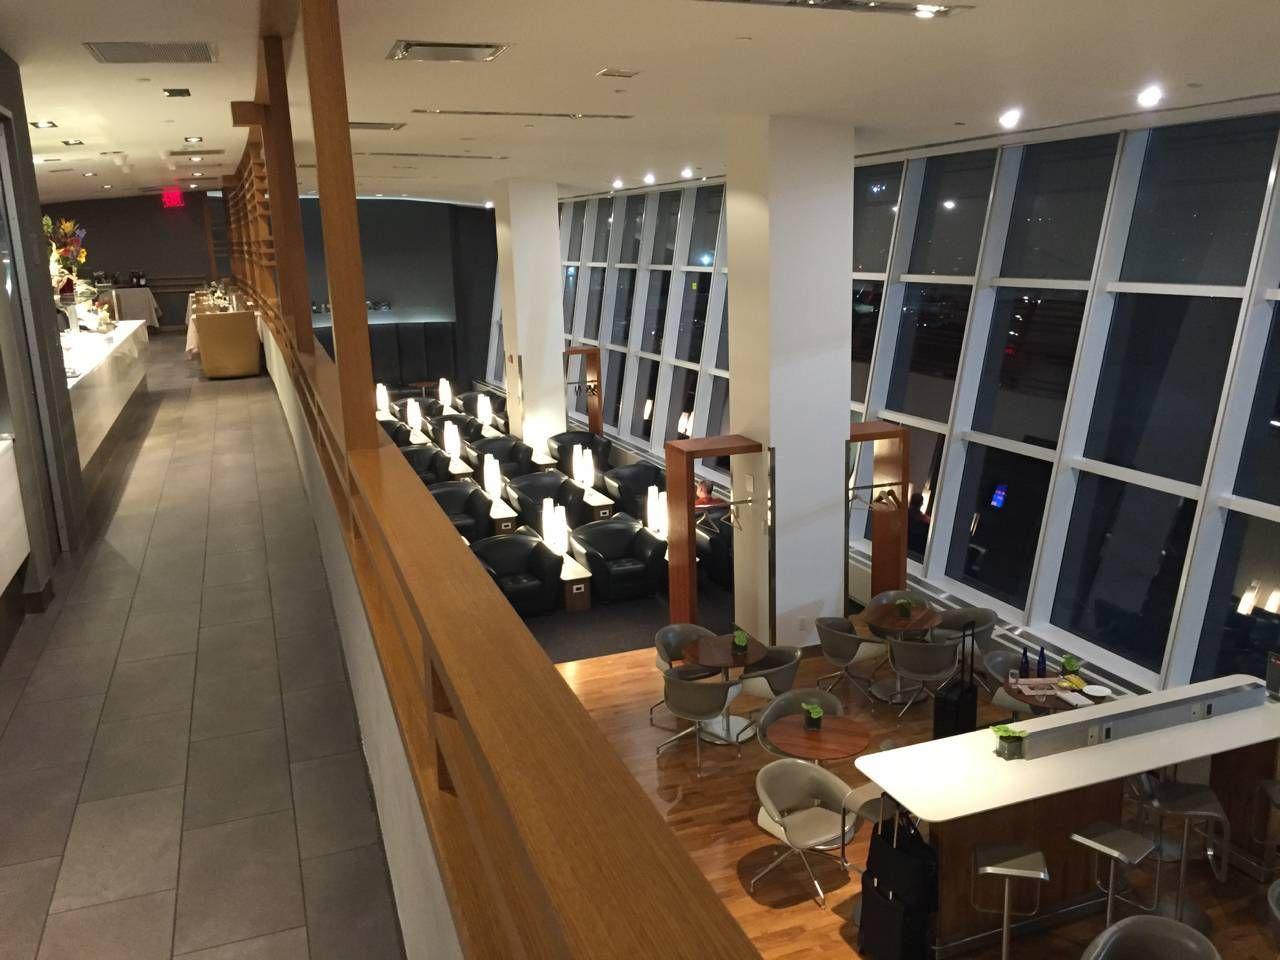 Lufthansa First Class Lounge JFK -020